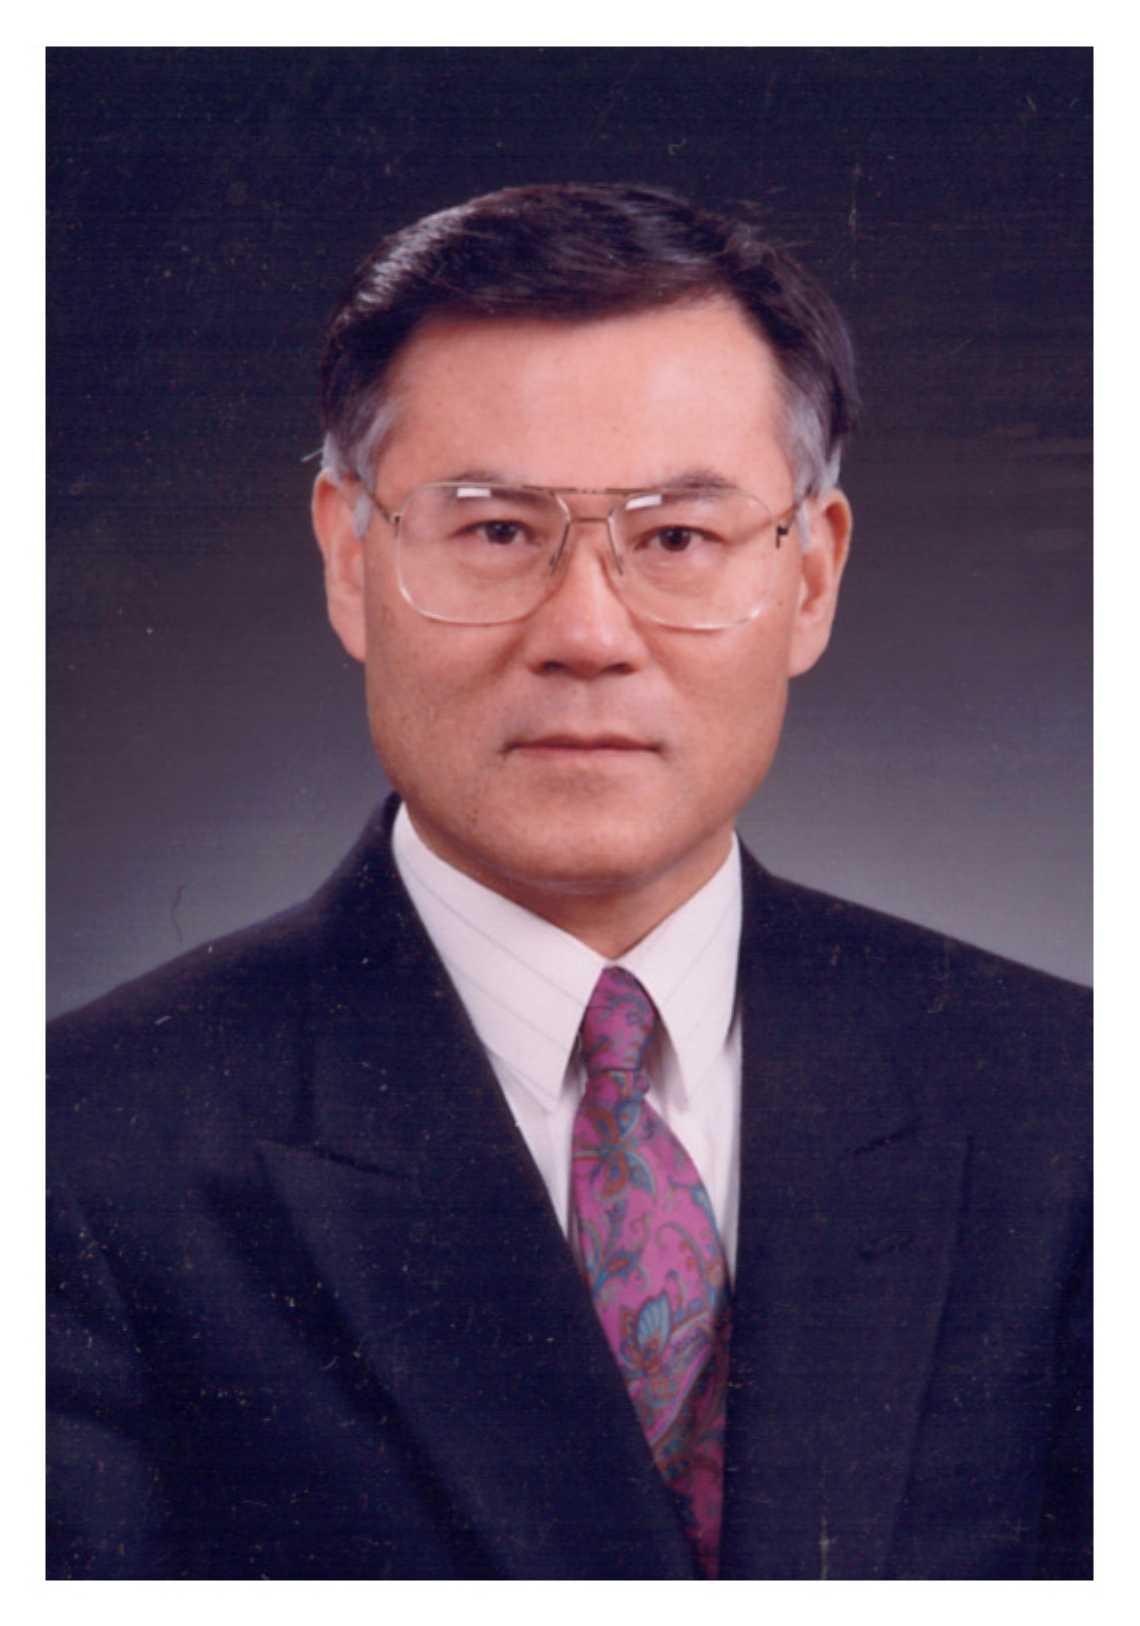 사진 제공, 김영일 교수.